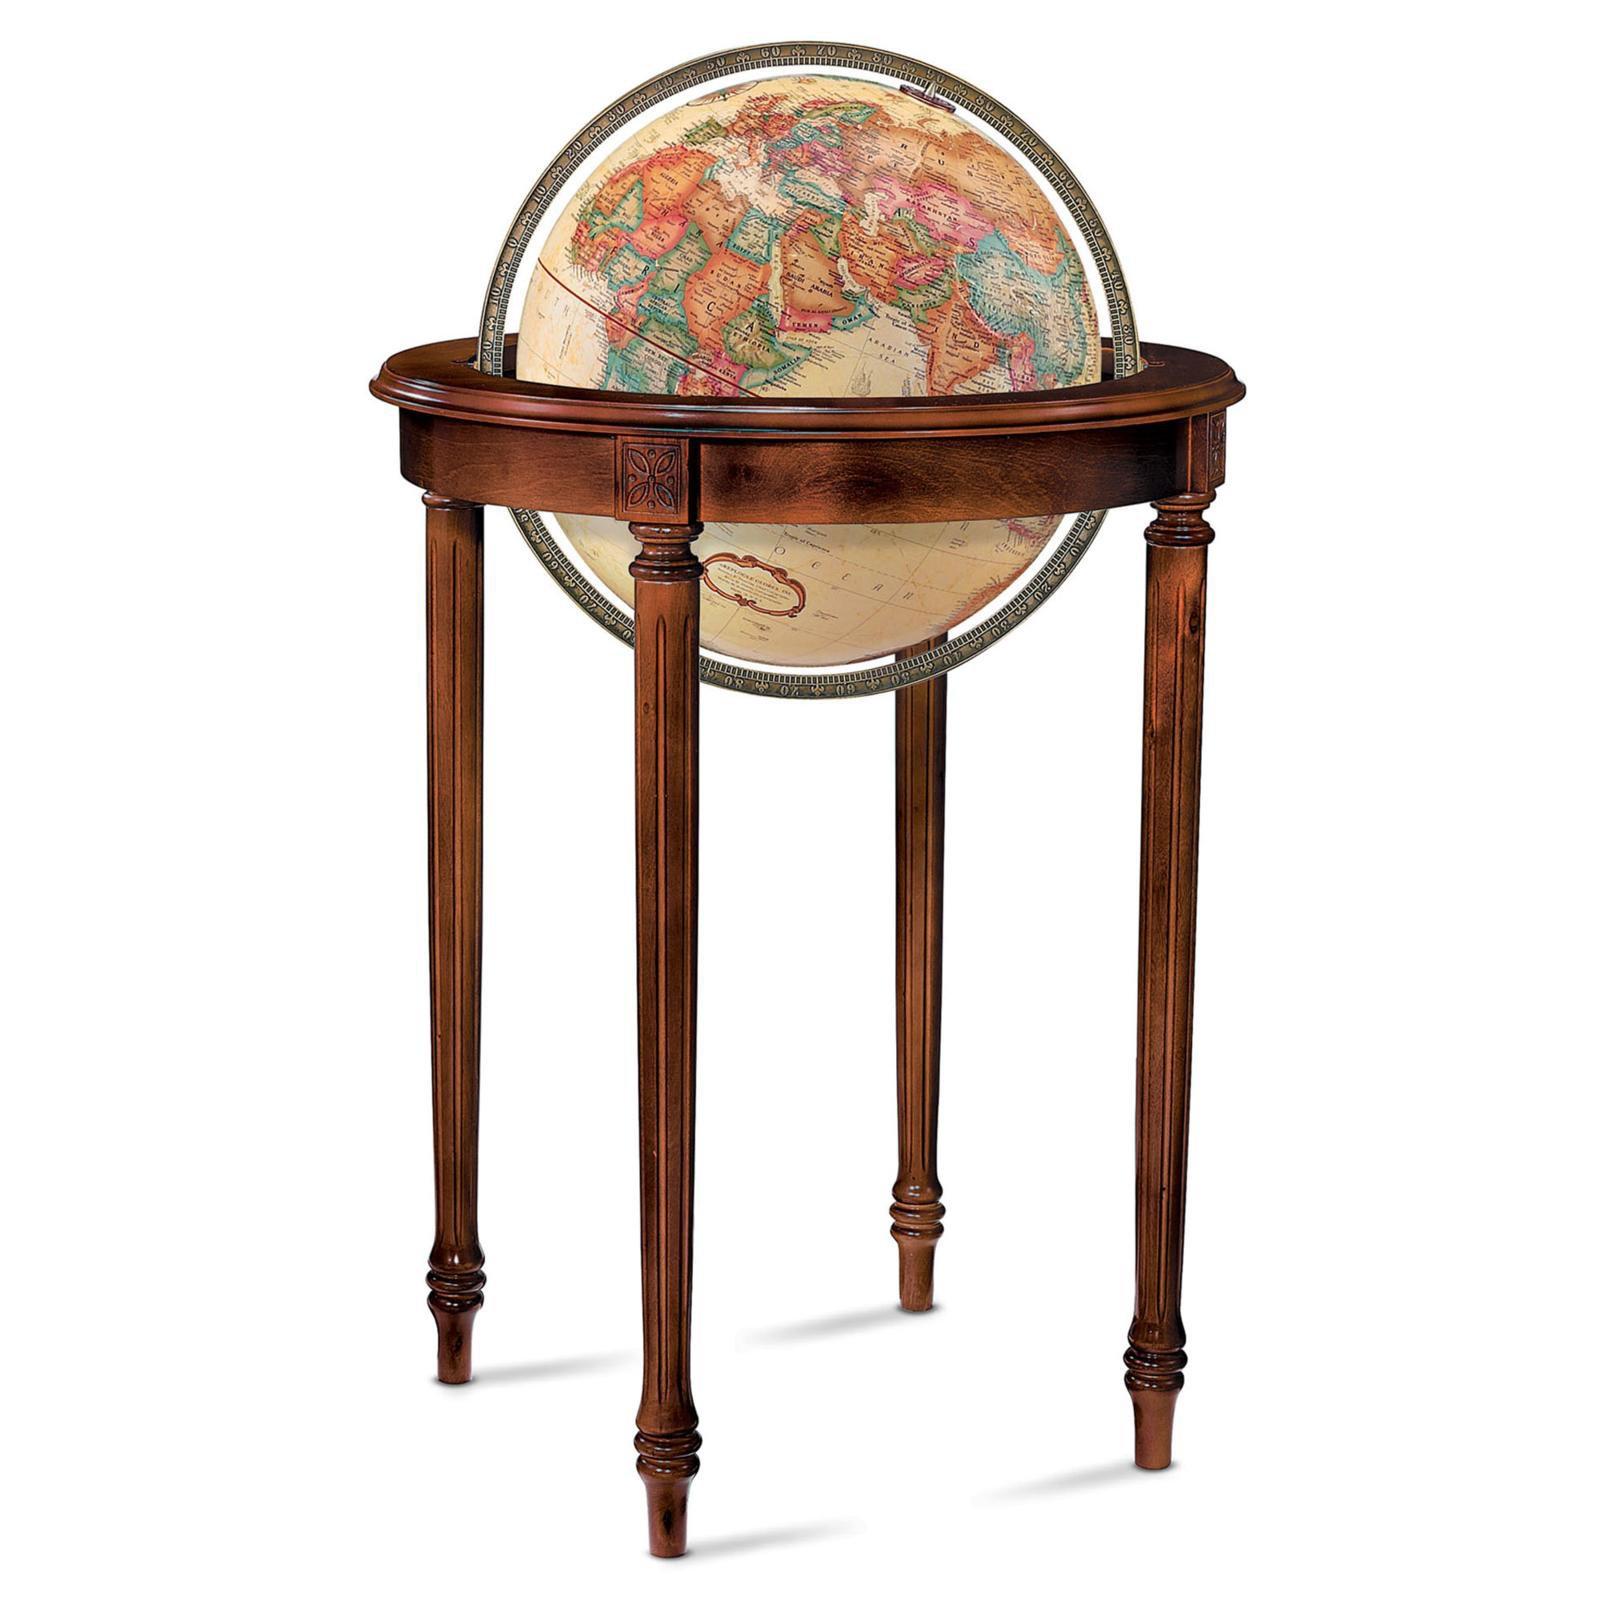 Replogle Regency 16-in. Diam. Floor Globe by Replogle Globes